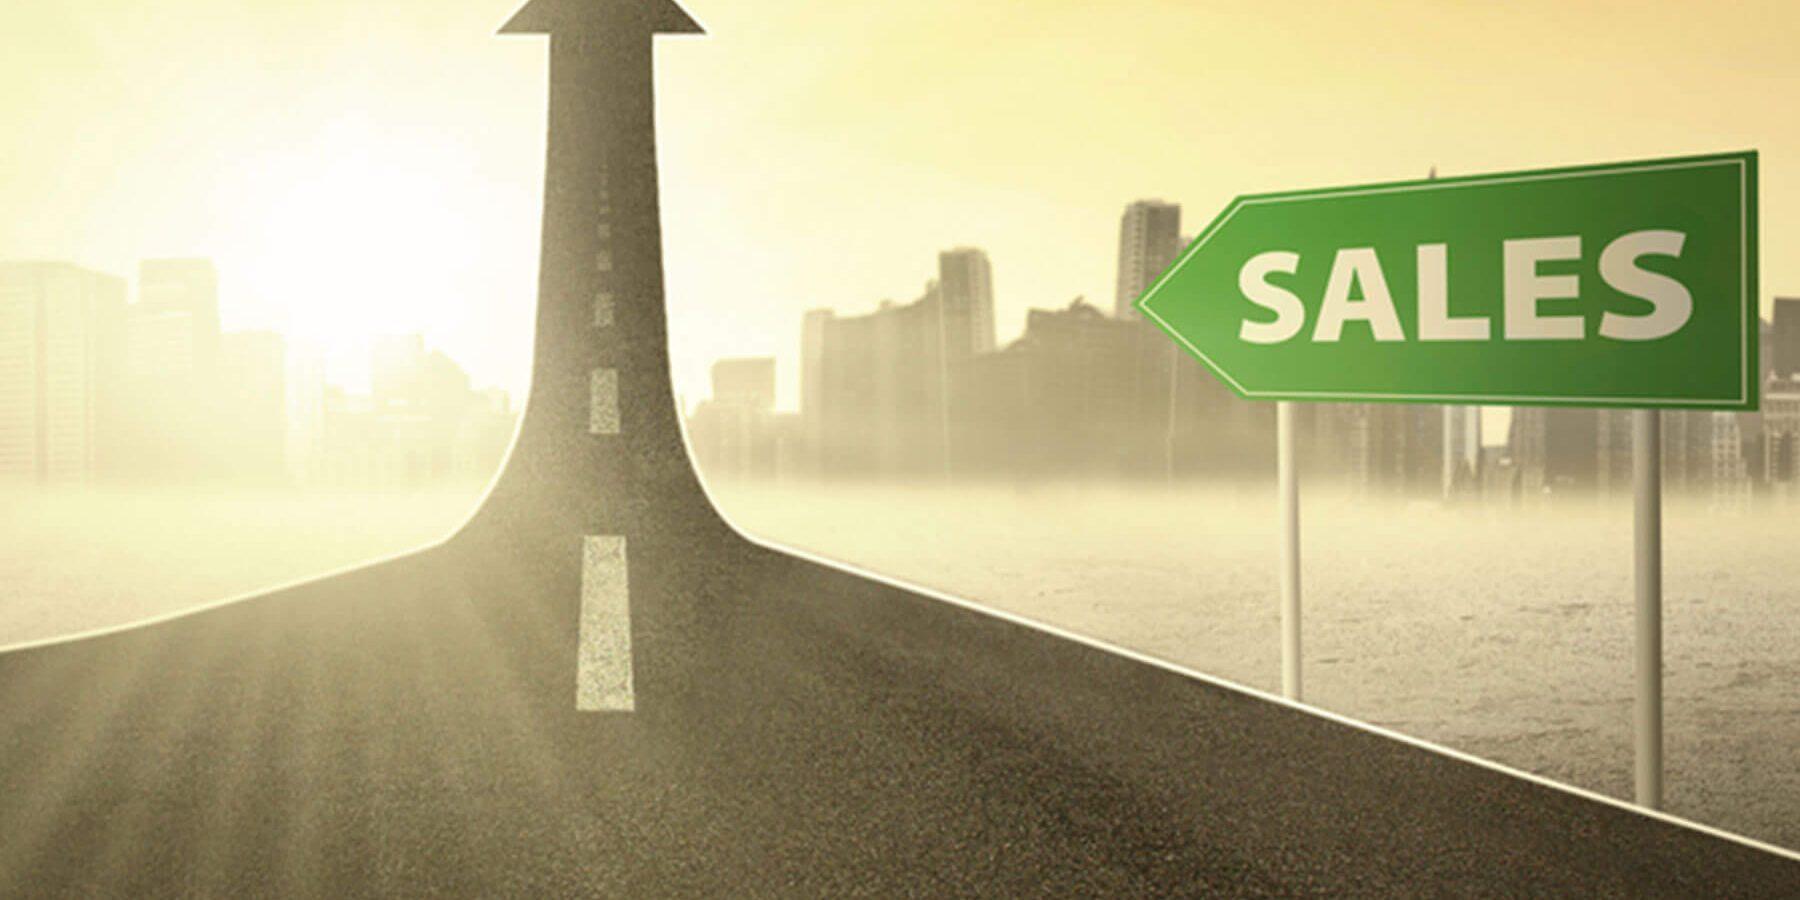 آشنایی با 10 ترفند برای افزایش فروش و جذب مشتری